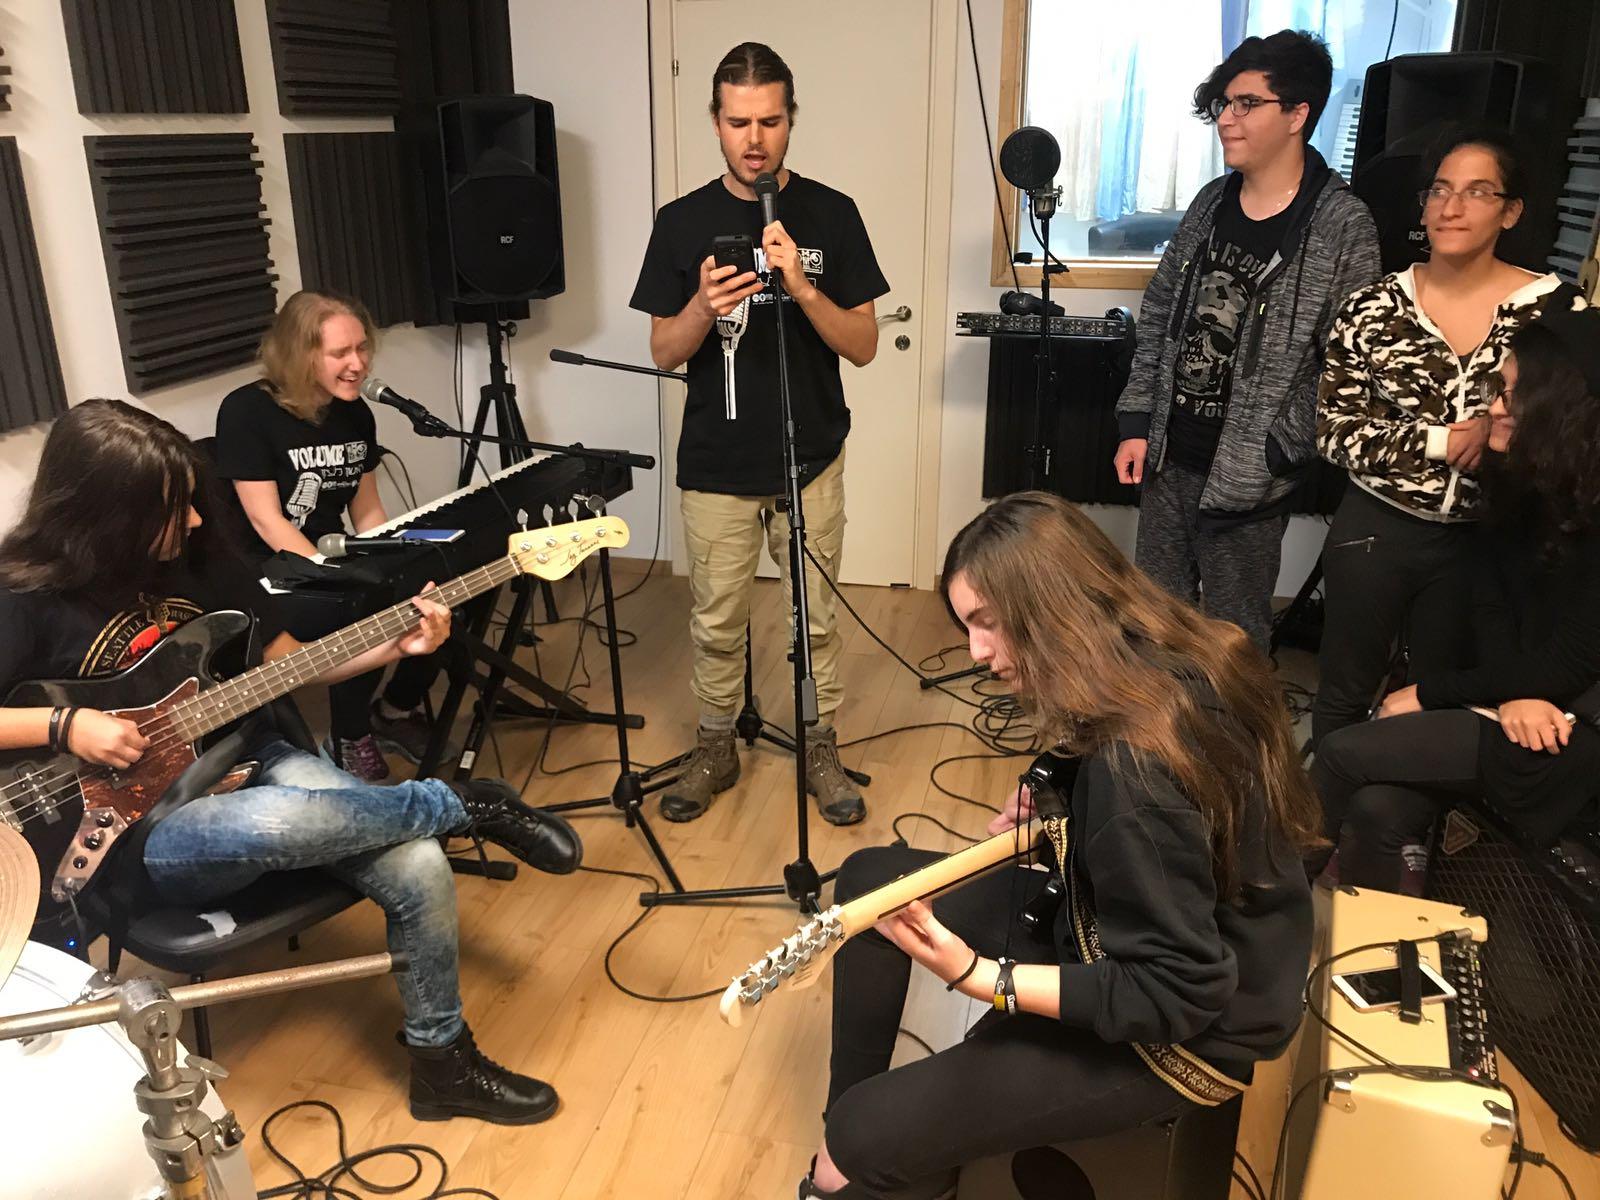 Volume rishon in the studio